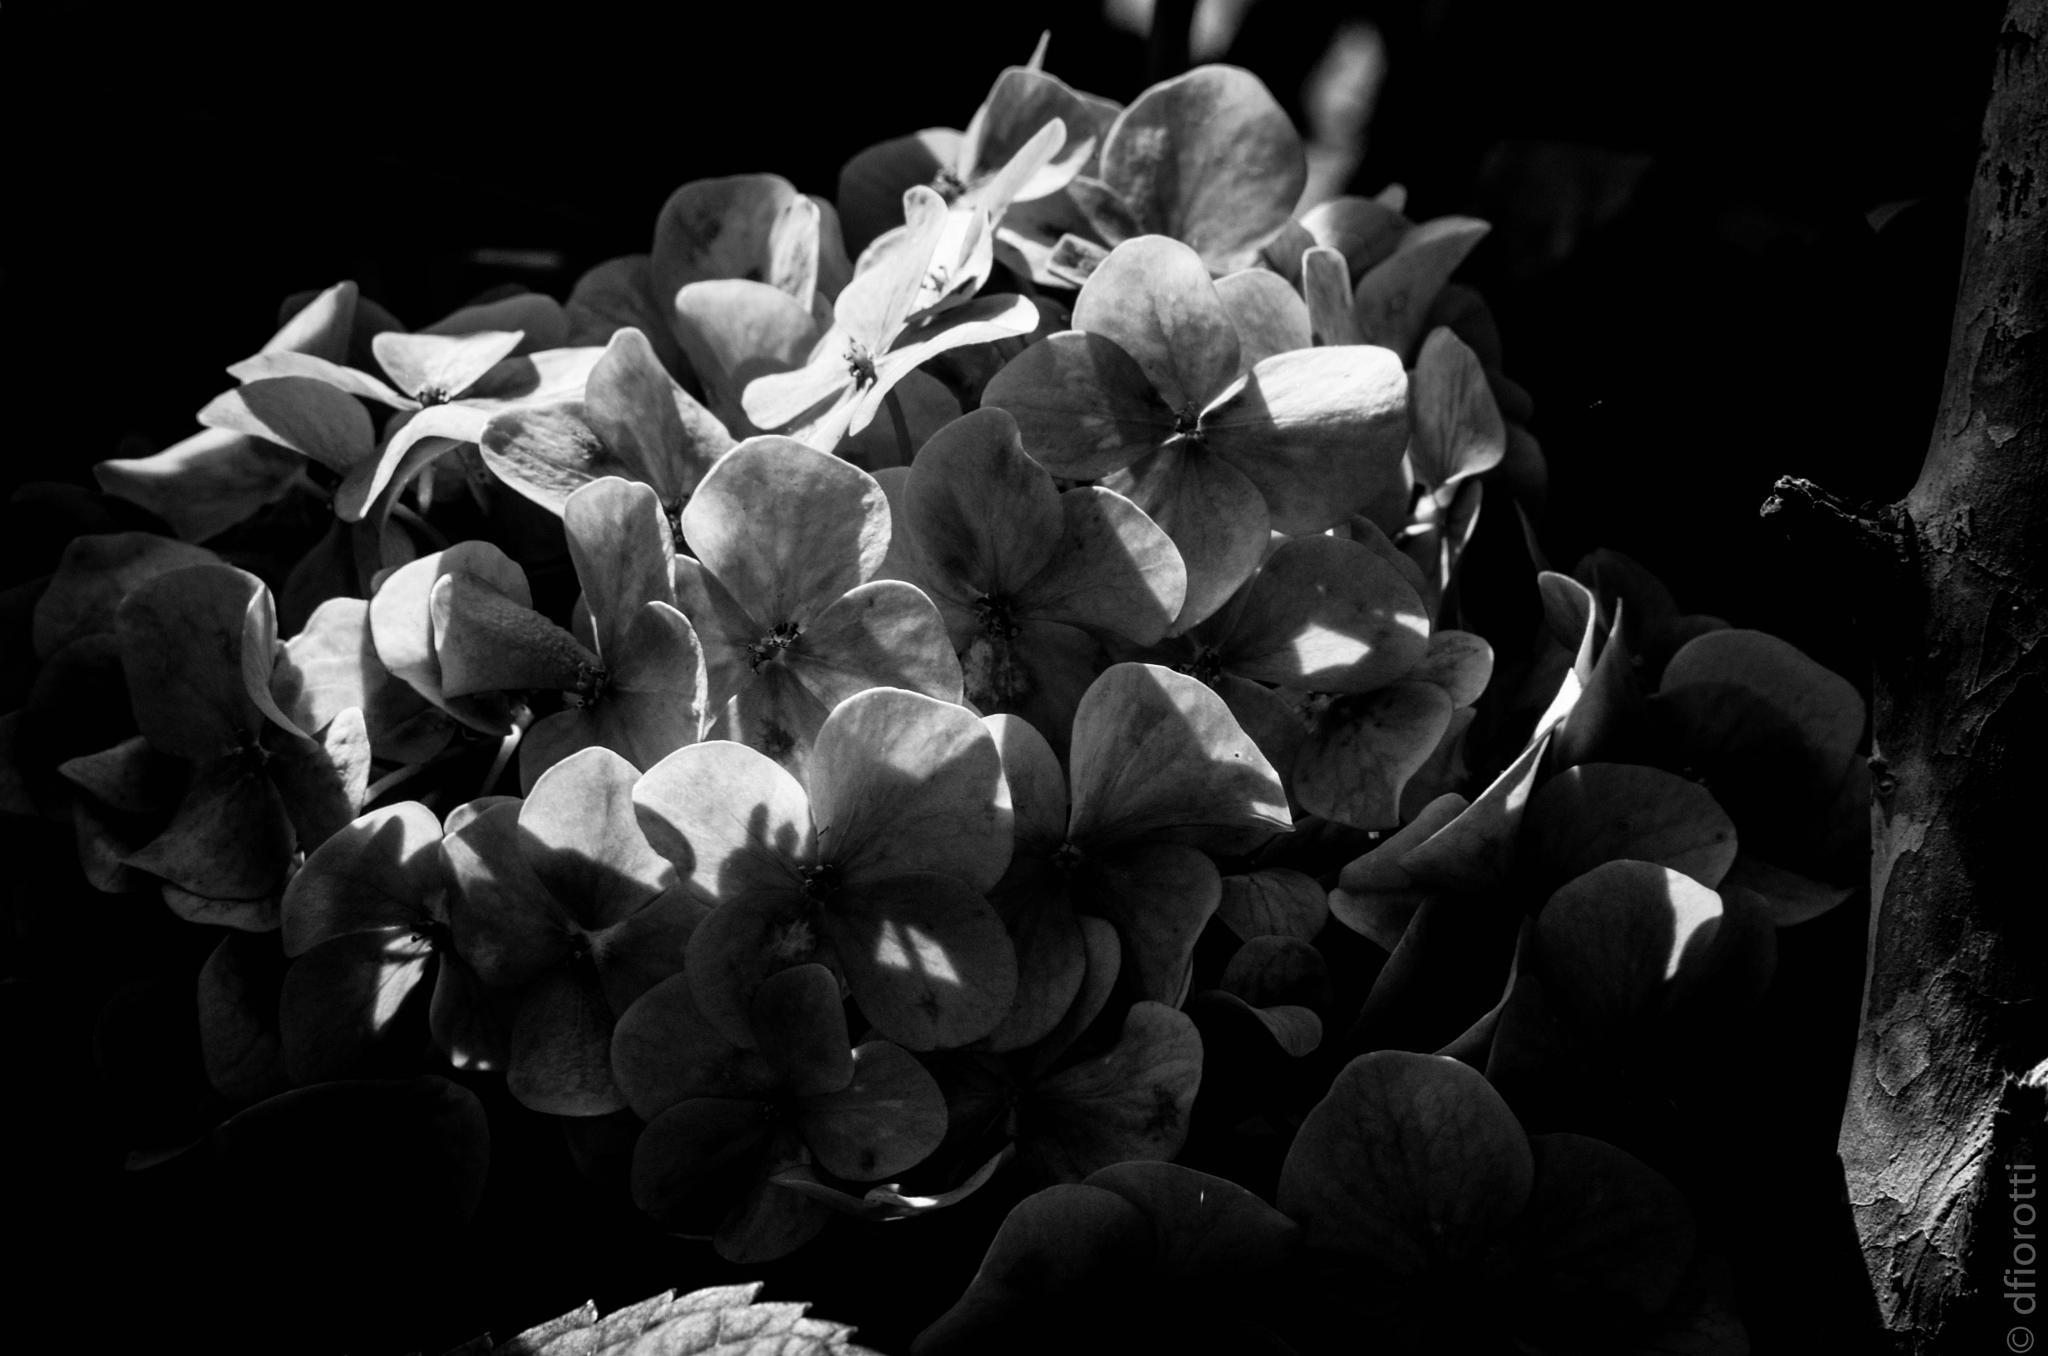 Nocturne by Devair Fiorotti